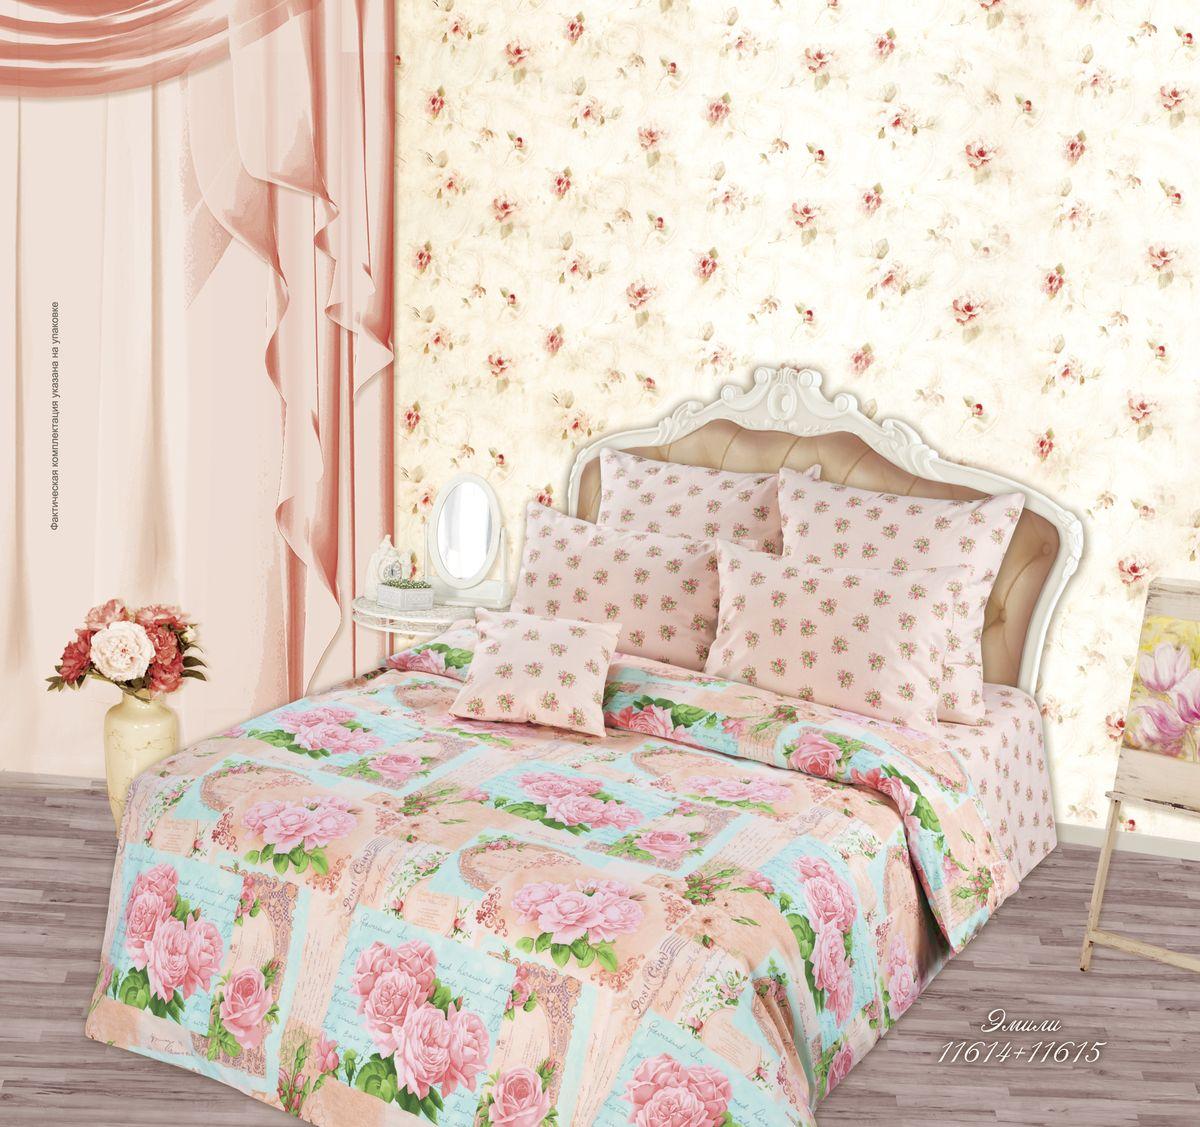 Комплект белья Romantic Эмили, 1,5-спальный, наволочки 70х70, цвет: бежевый, розовый277399Роскошный комплект постельного белья Romantic Эмили выполнен из 100% хлопка высшего качества. Комплект состоит из пододеяльника, простыни и двух наволочек. Lux Cotton - это уникальная ткань, произведенная из длинноволокнистого мягкого хлопка. Постельное белье Romantic подчеркнет ваш индивидуальный стиль и создаст неповторимую и романтическую атмосферу в вашей спальне.